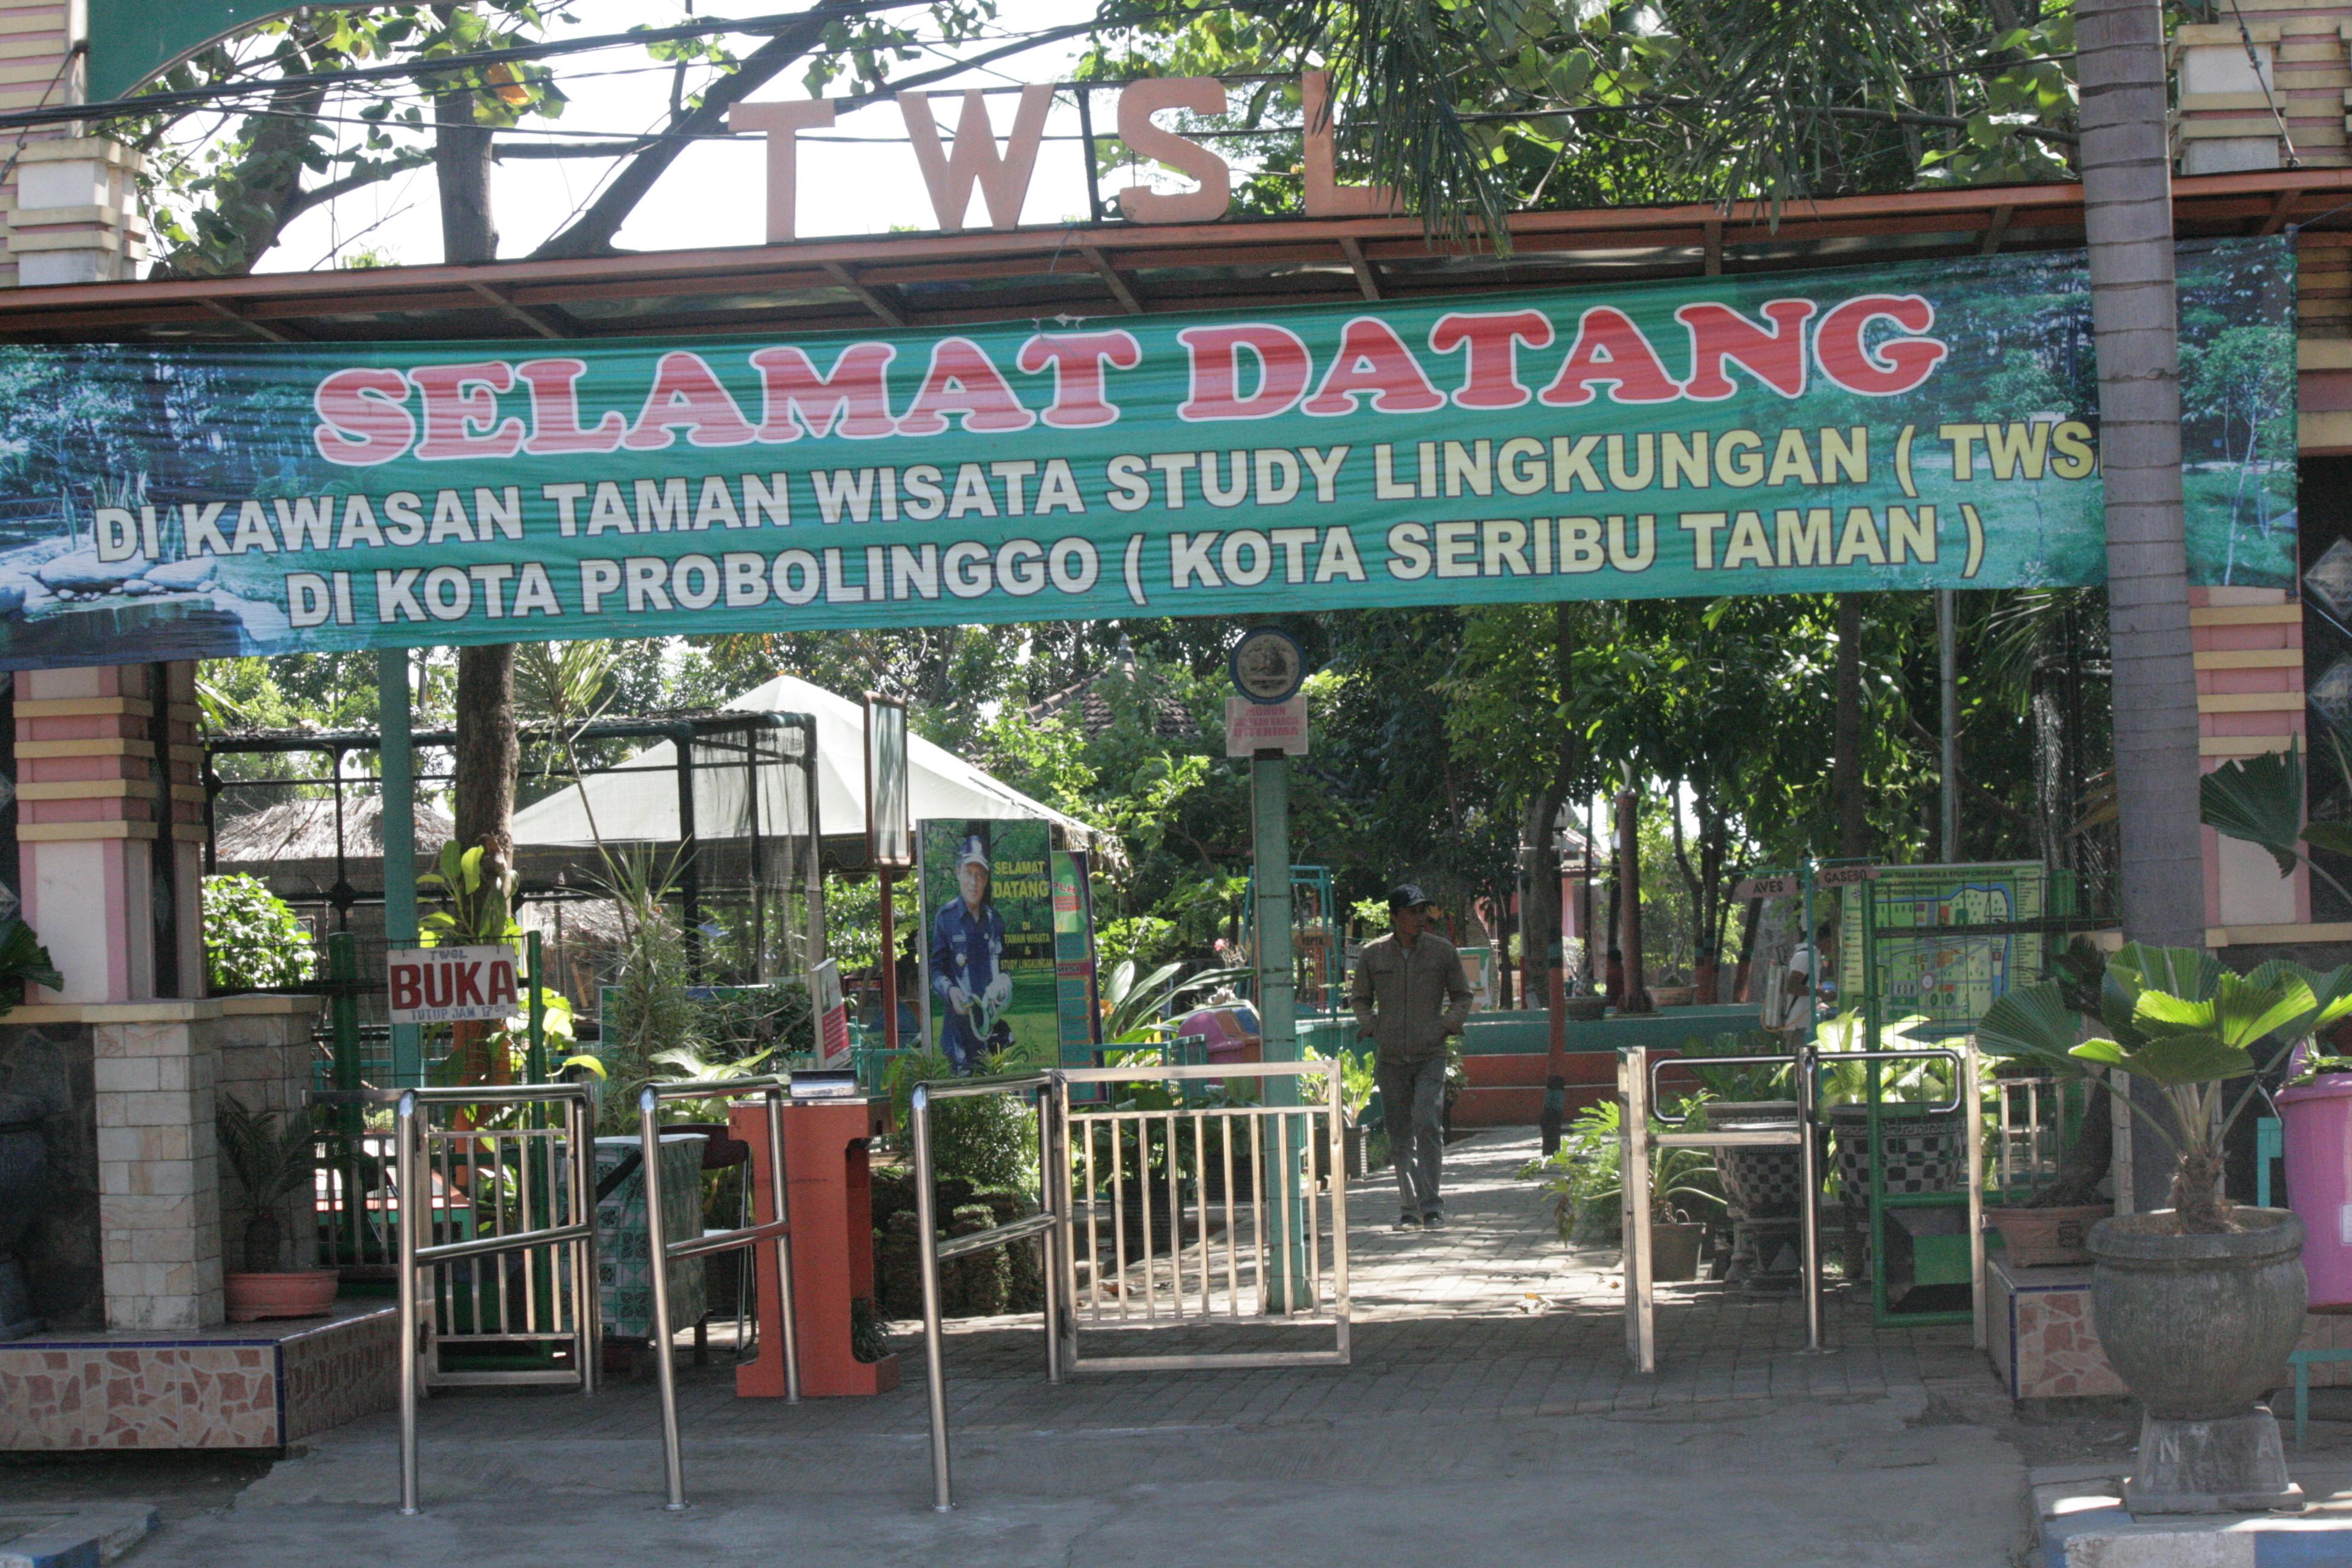 Wisata Alam Indonesia 30 Tempat Terpopuler Taman Study Lingkungan Lokasi